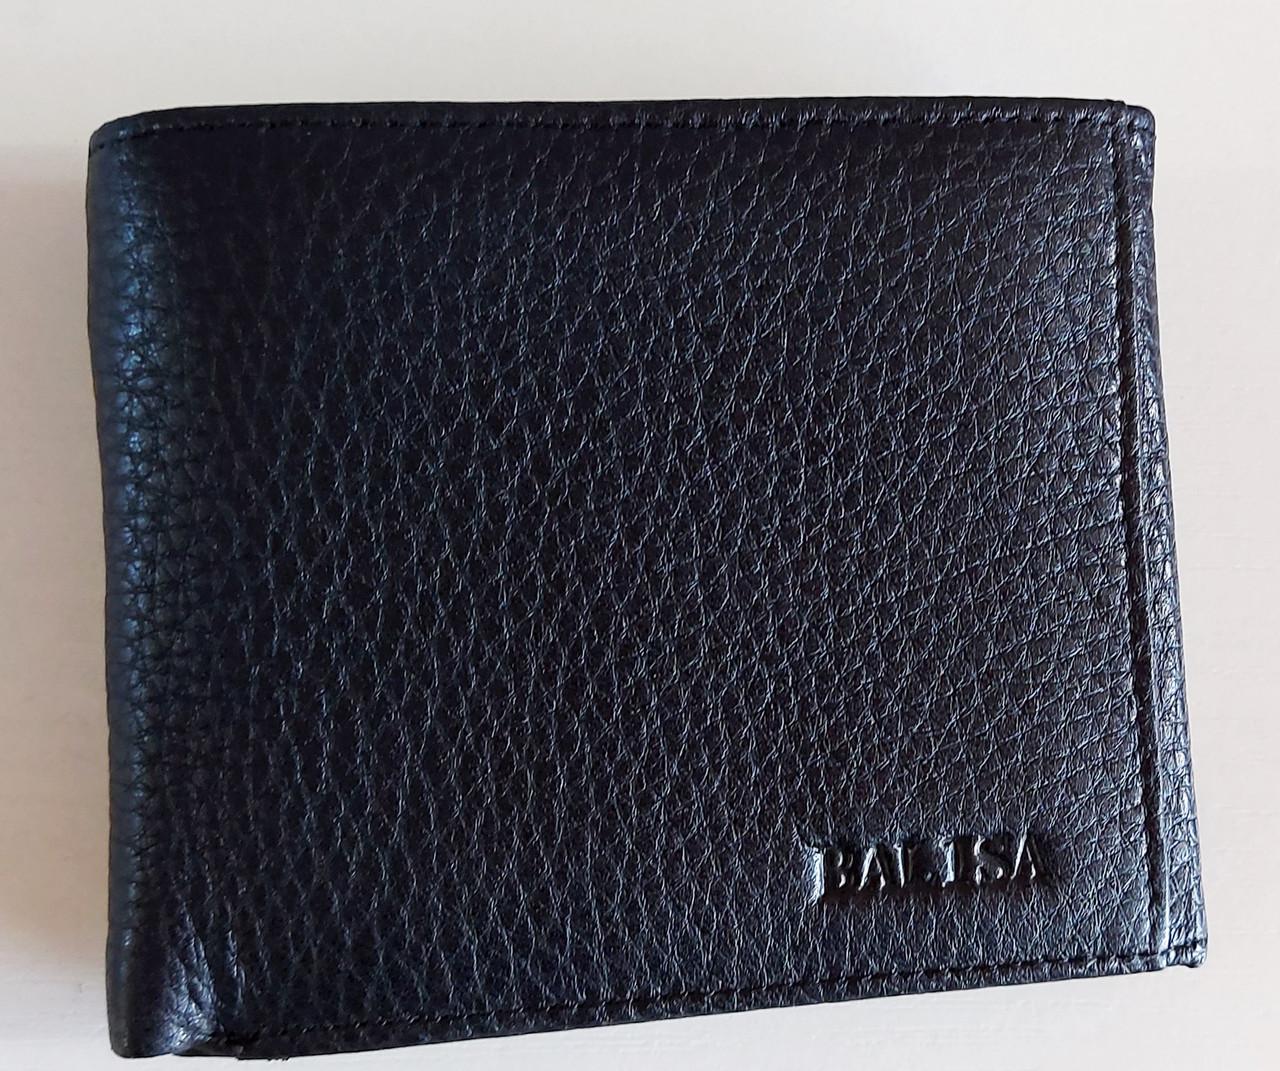 Мужское кожаное портмоне Balisa WB1-2607 black Мужское кожаное портмоне БАЛИСА оптом Одесса 7 км